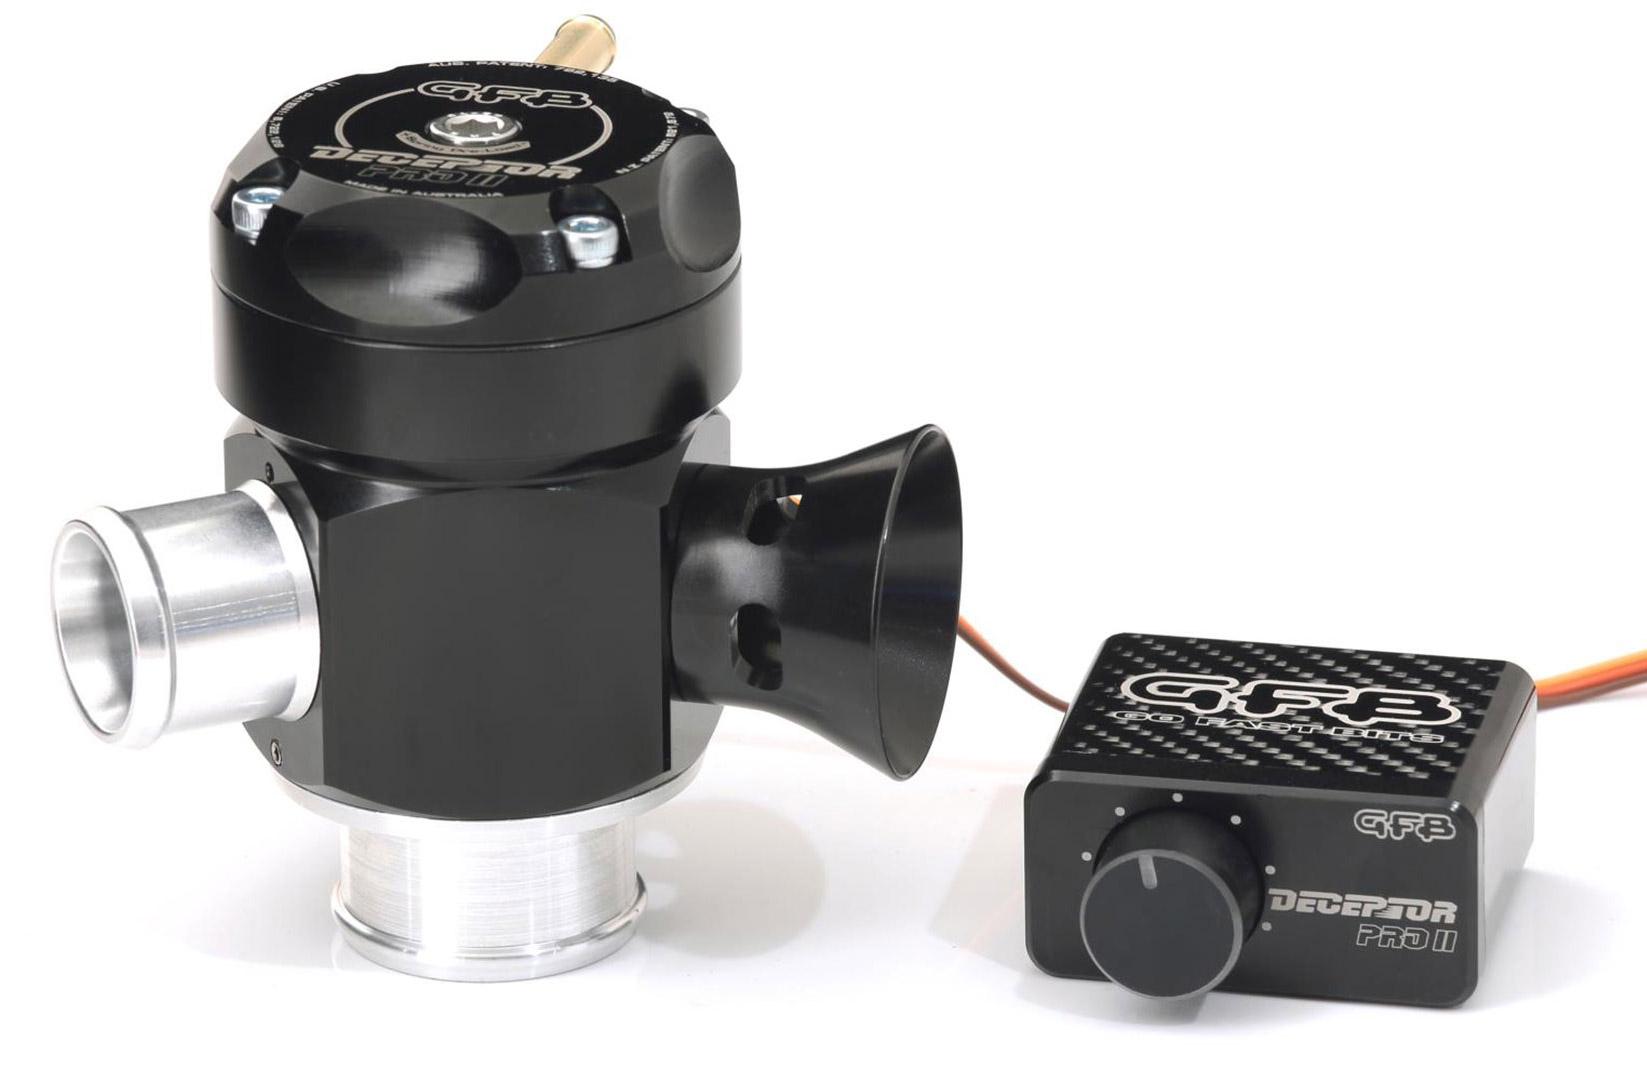 T9507 Deceptor Pro 2 - in-cabin motorised adjustable bias venting diverter valve